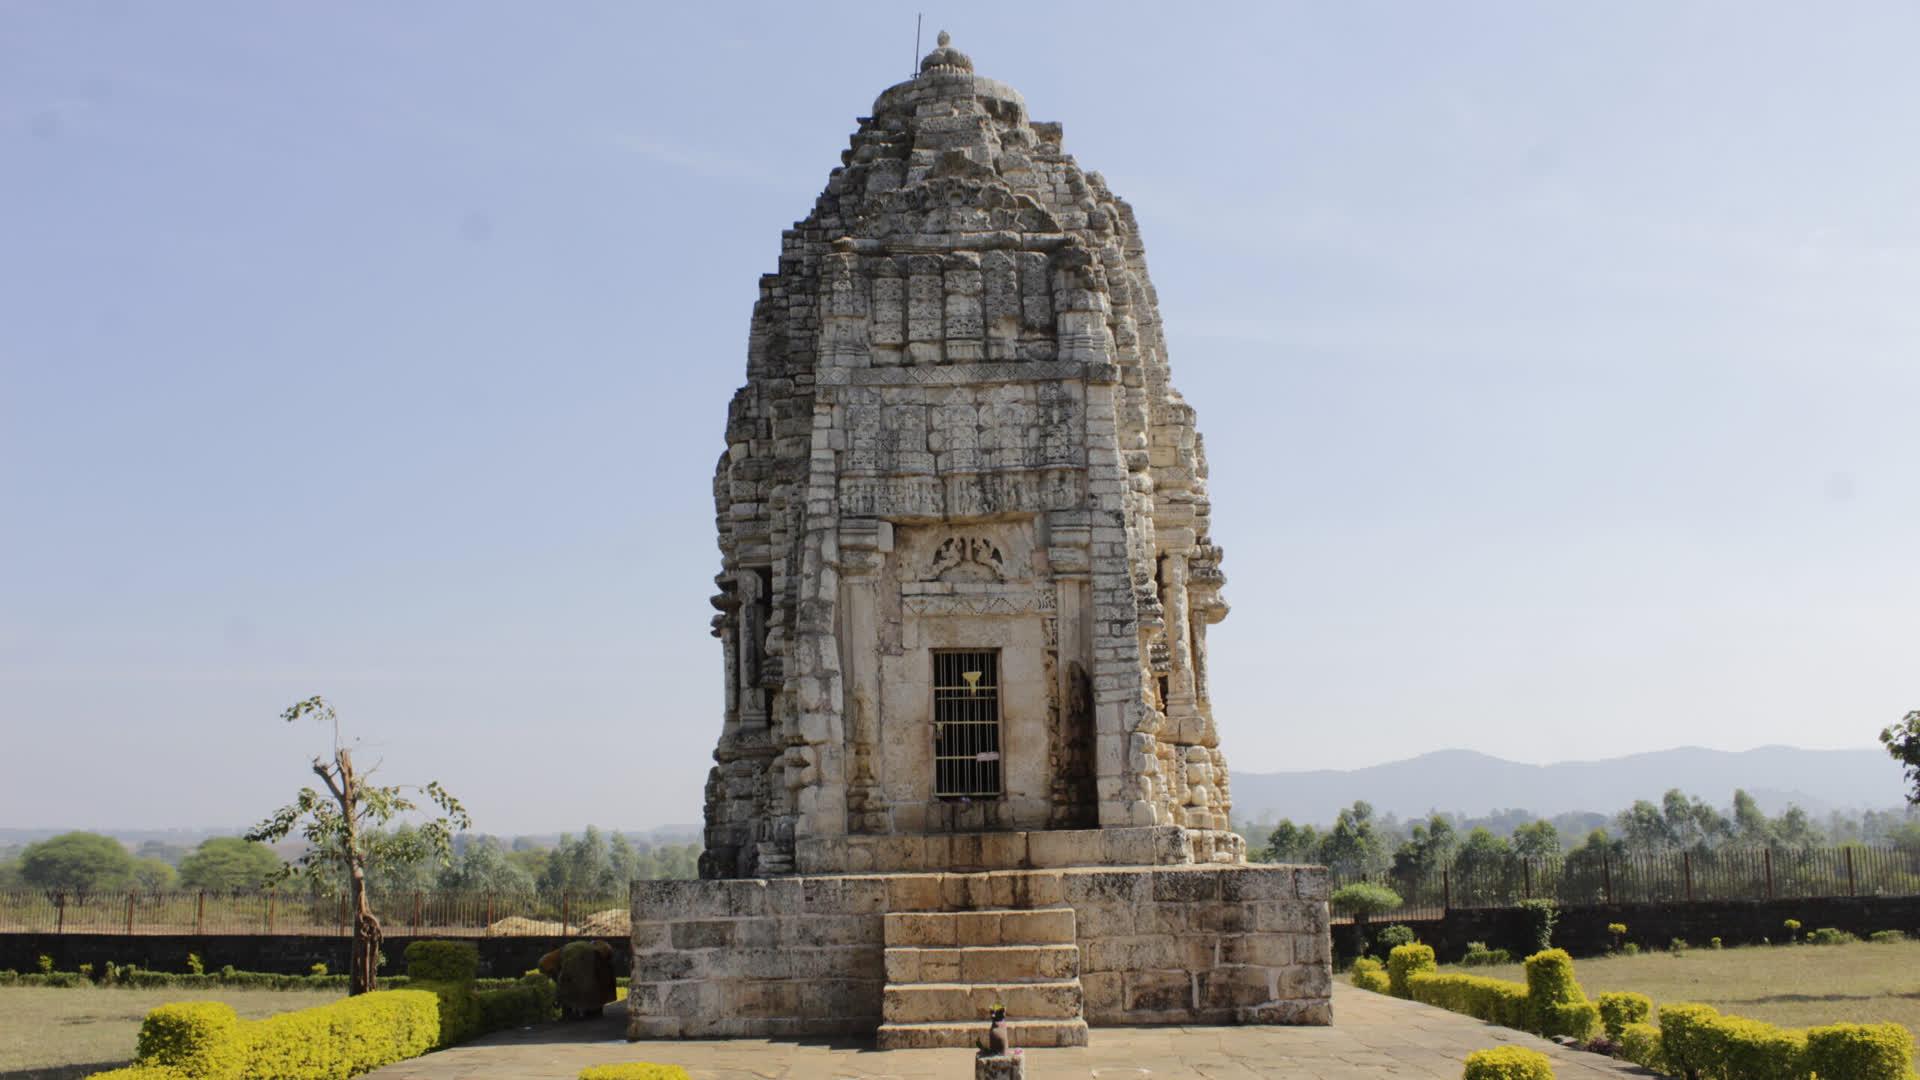 कुकुर्रामठ: कुत्ते की याद में बना शिव मंदिर